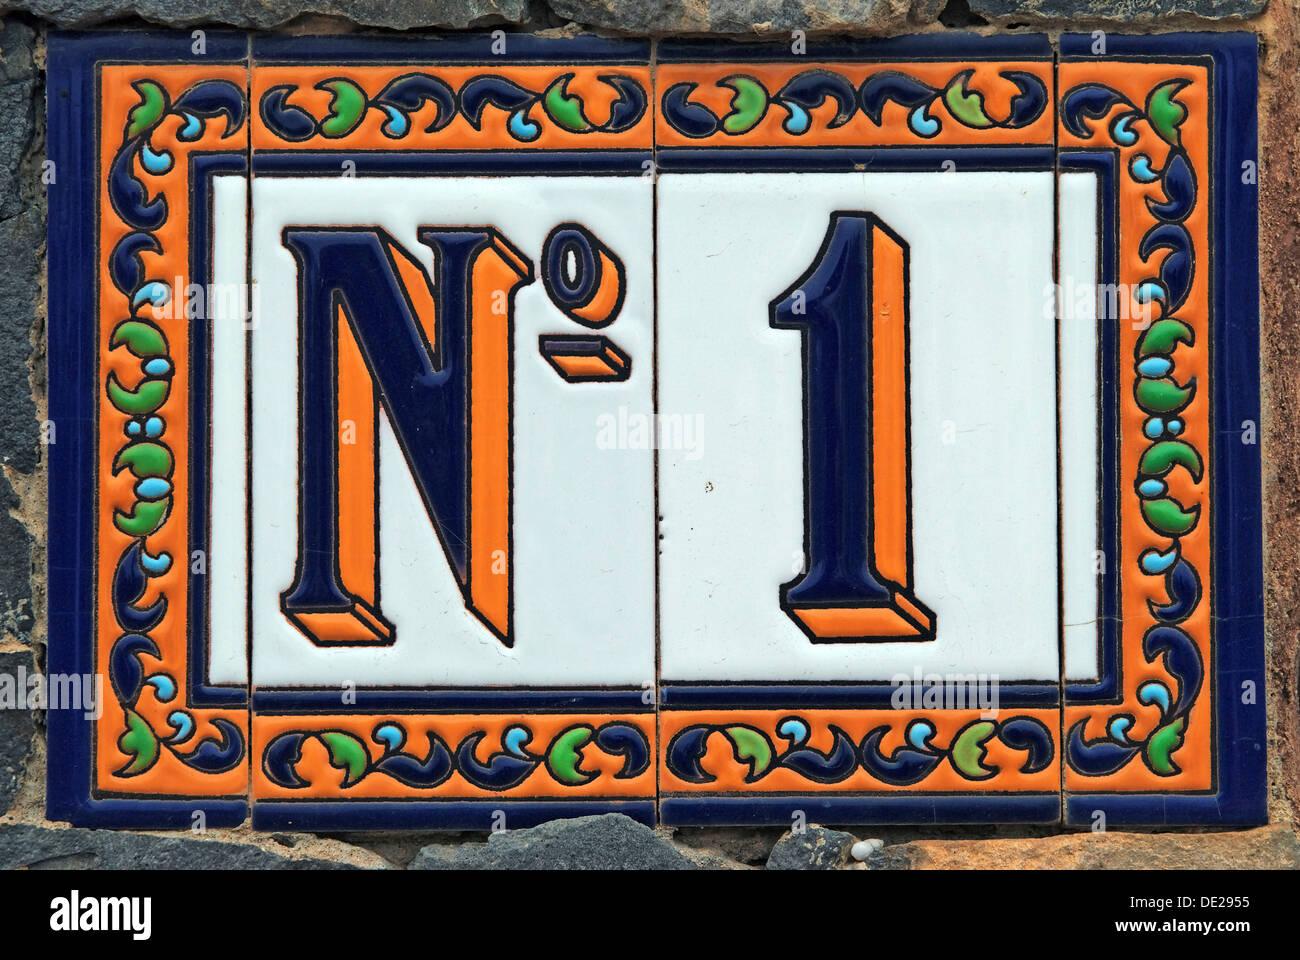 Nº 1, número de la calle en azulejos de cerámica, de la isla de Tenerife, Islas Canarias, España, Europa Imagen De Stock